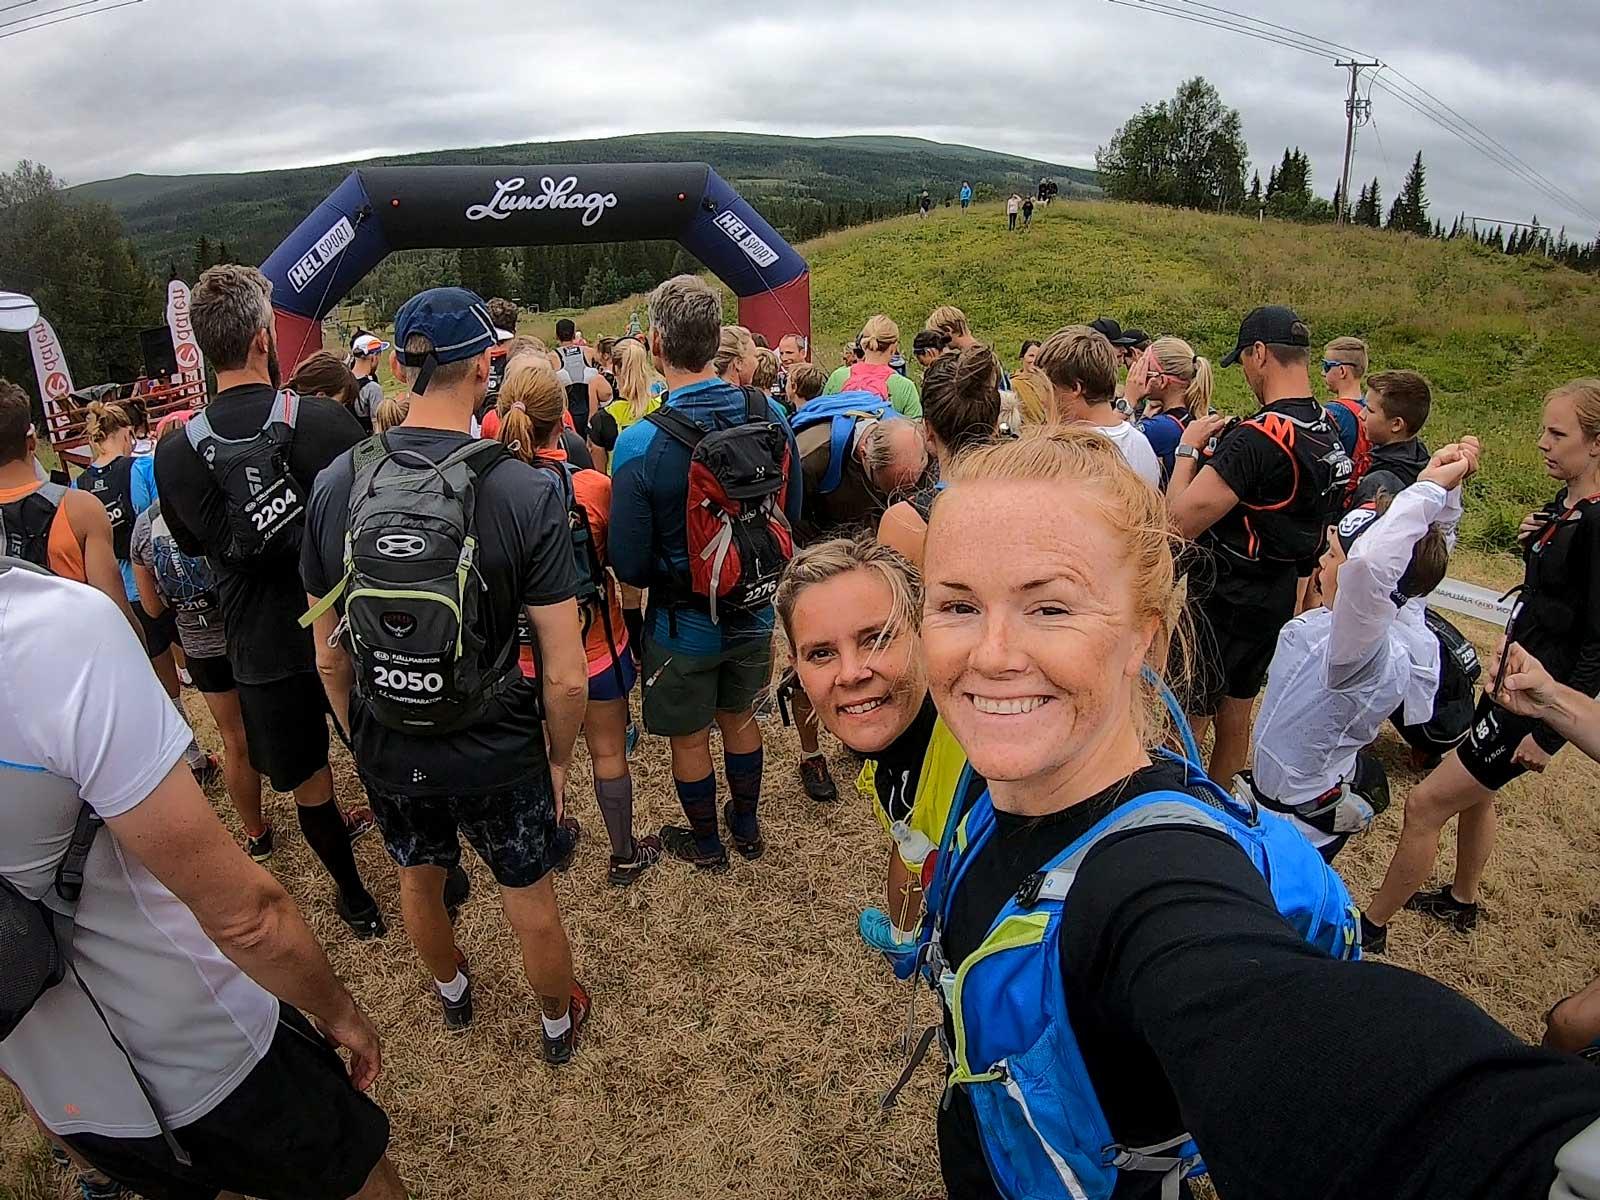 Brynja med sin vän Ida och springer Ulvang Kvartsmaraton i Åre under Fjällmaratonveckan.